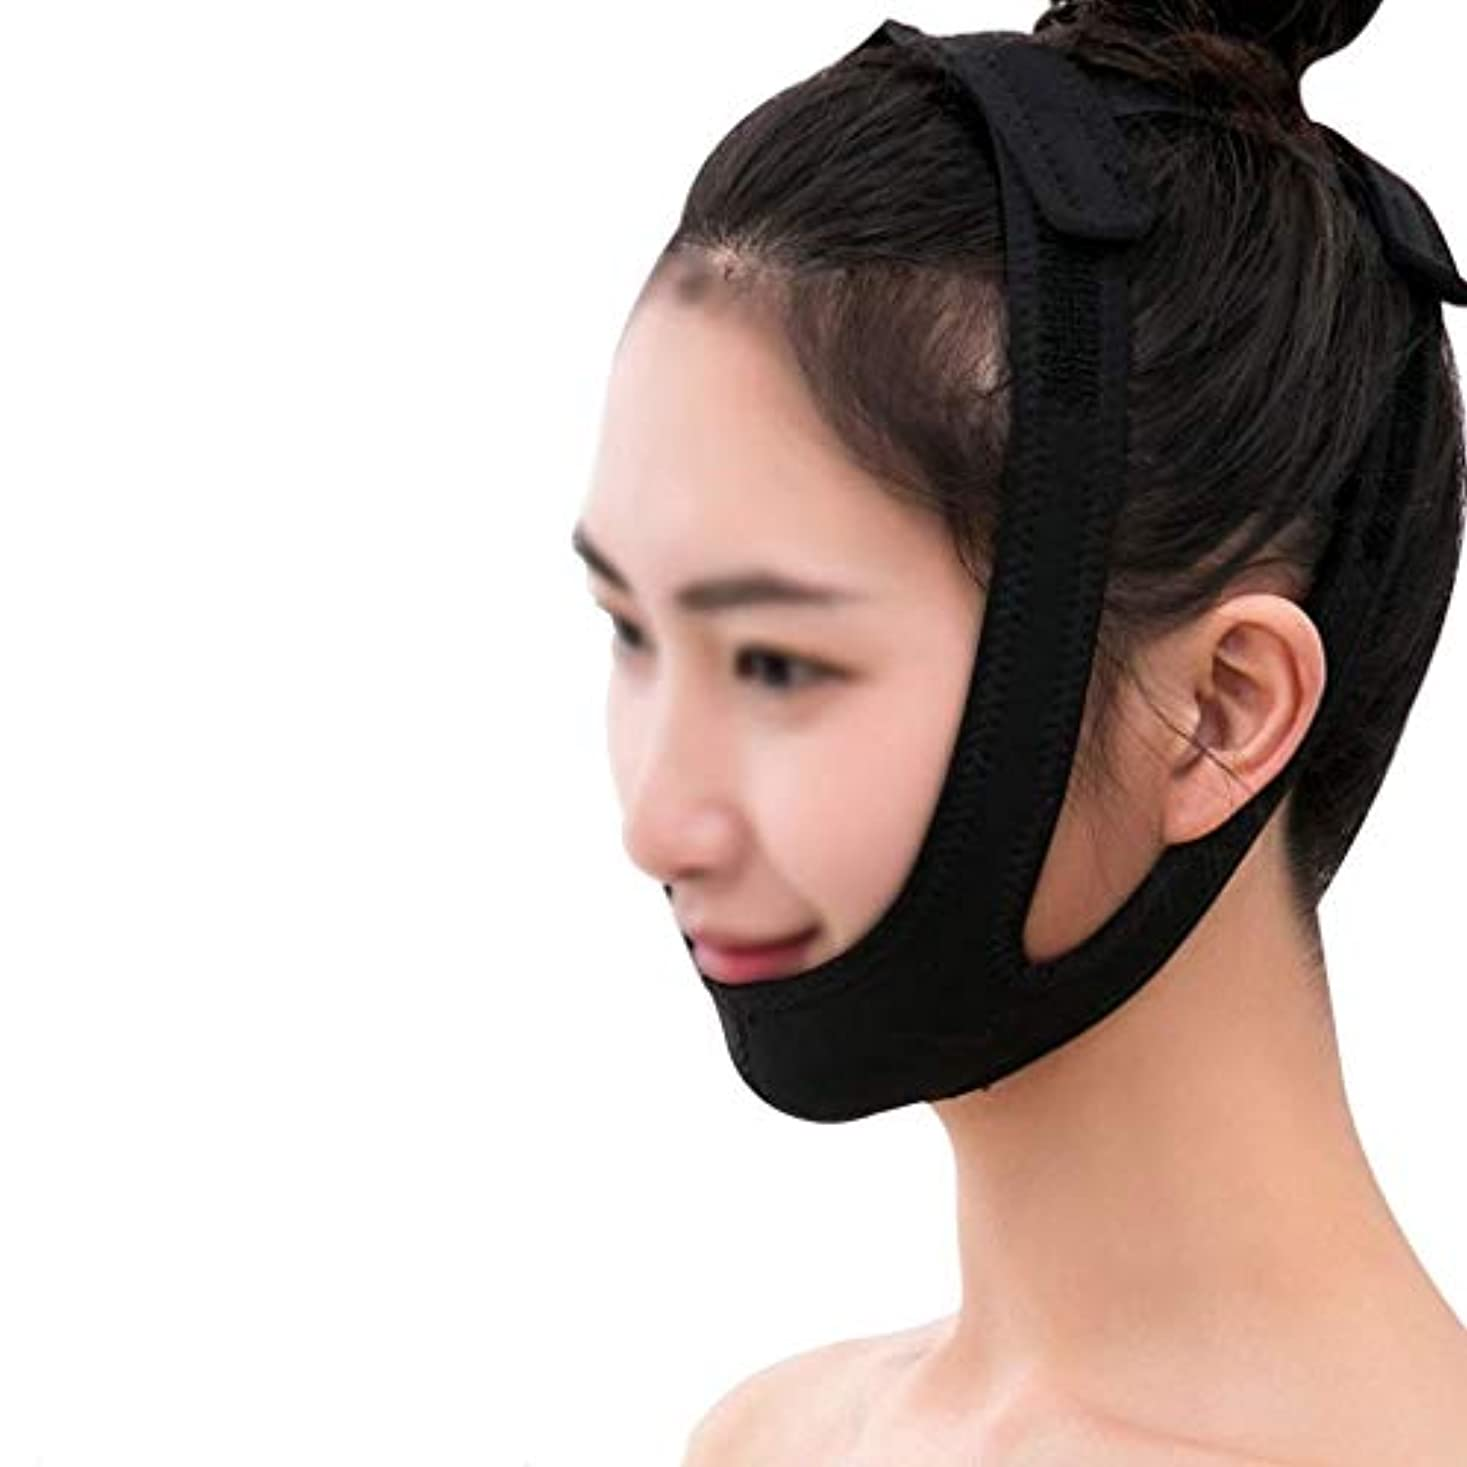 能力階層アンビエントフェイシャルリフティングマスク、医療用ワイヤーカービングリカバリーヘッドギアVフェイス包帯ダブルチンフェイスリフトマスク